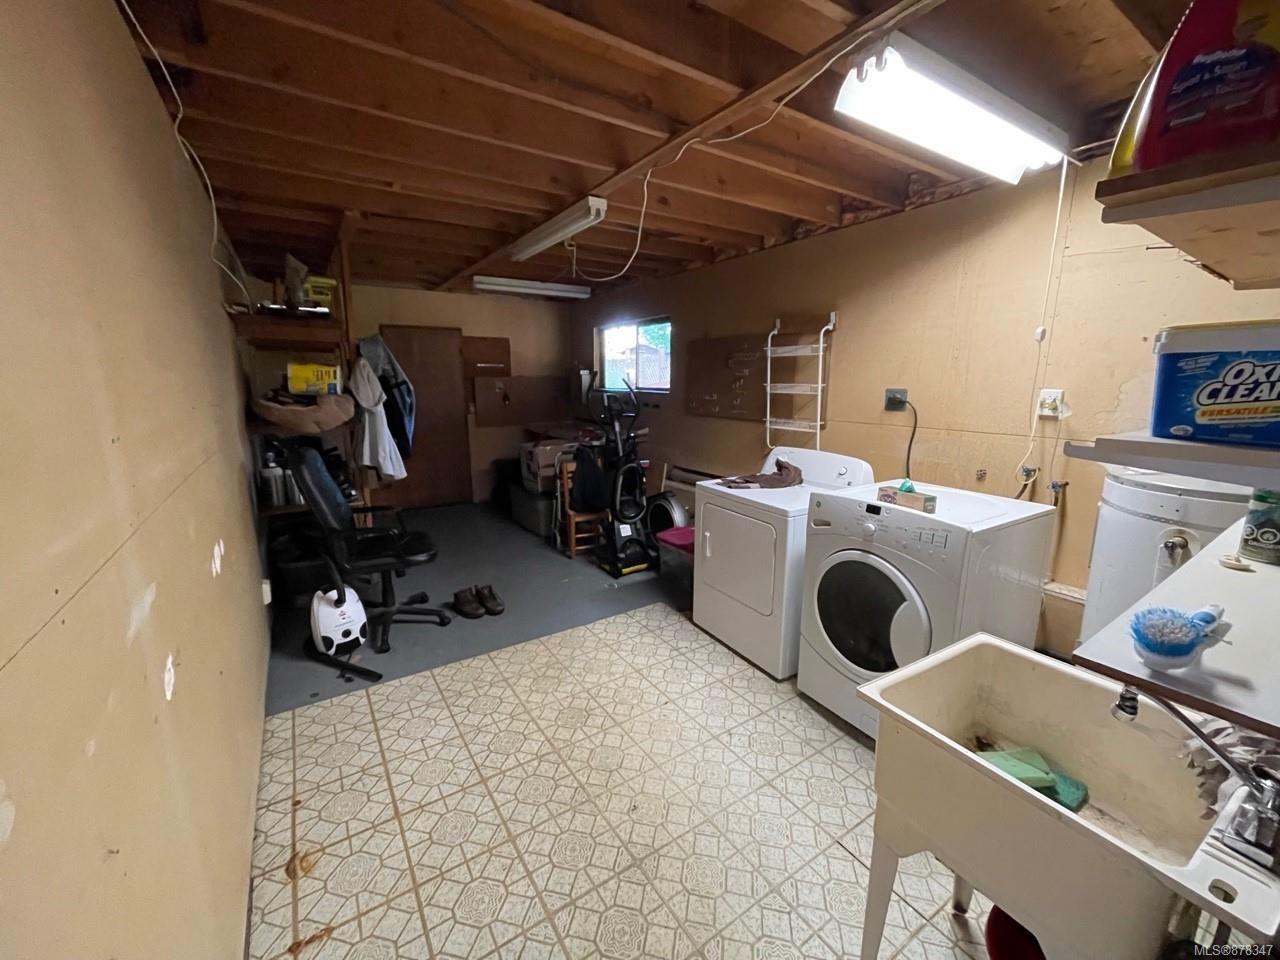 Photo 13: Photos: 334 Texada Pl in : CV Comox (Town of) House for sale (Comox Valley)  : MLS®# 878347